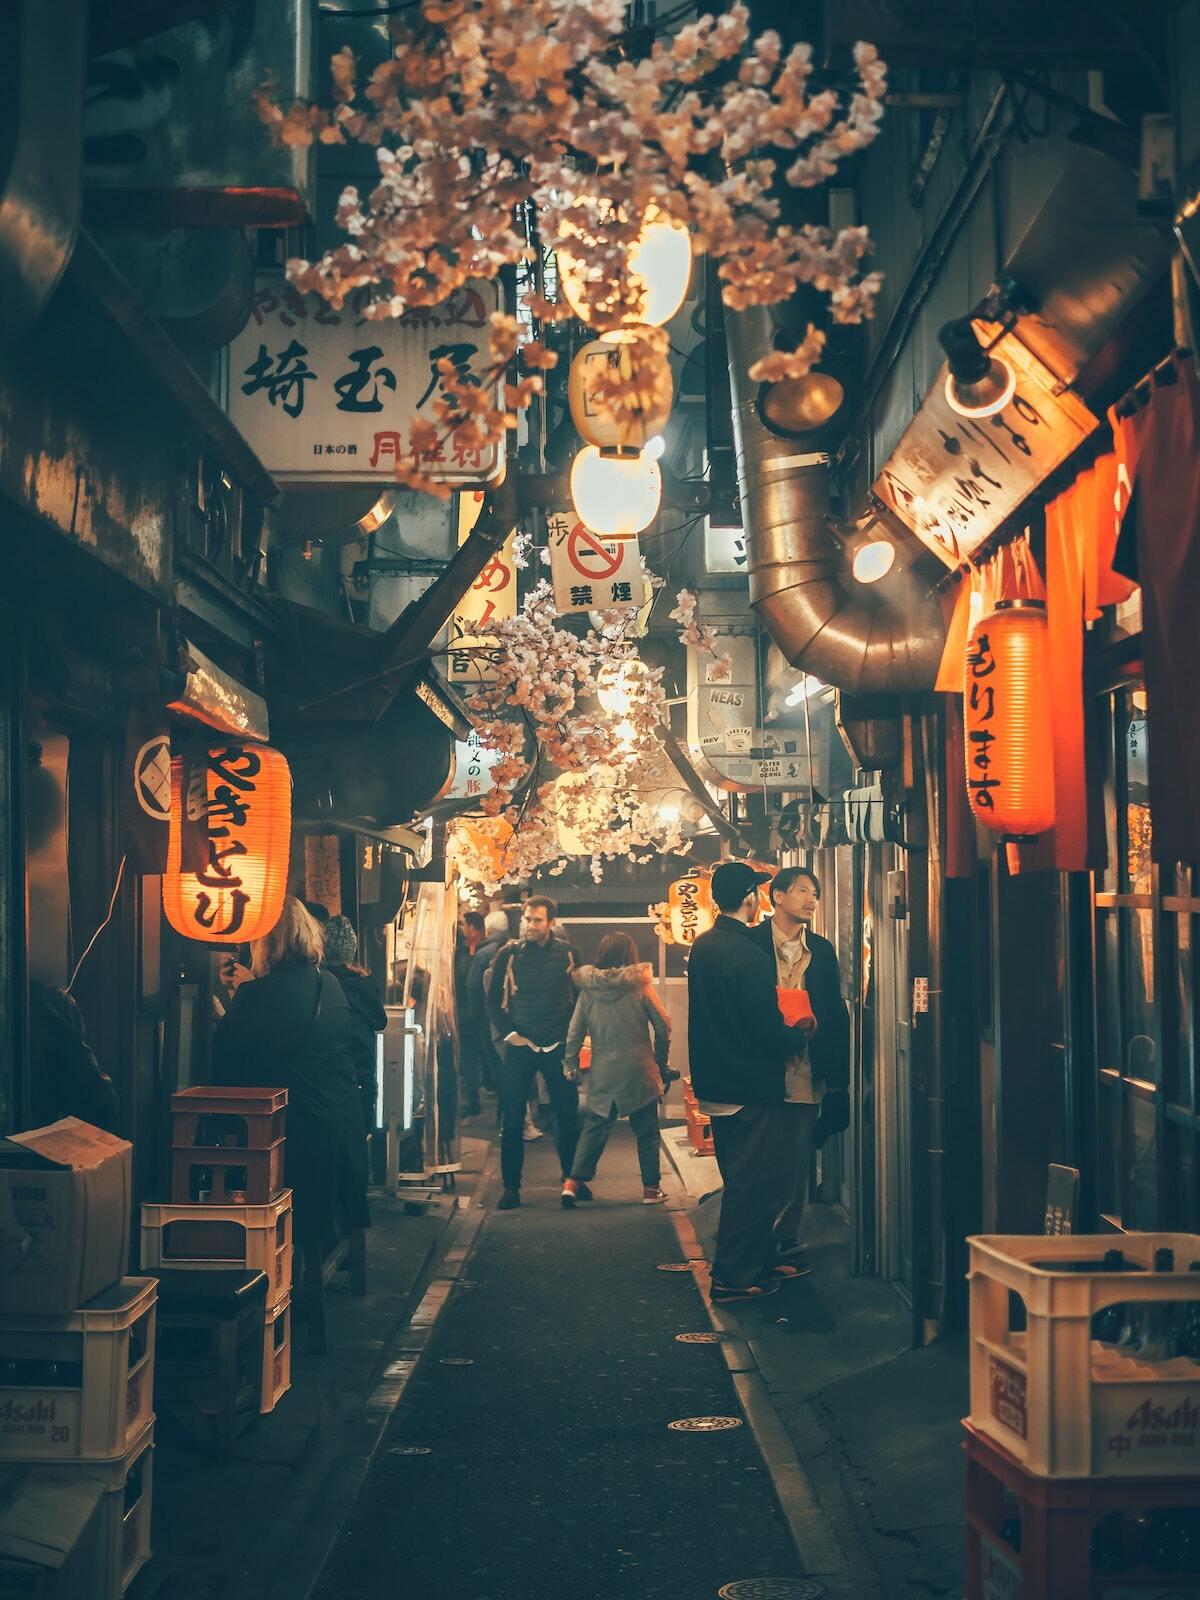 Tokyo ©Yoav Aziz on Unsplash unsplash